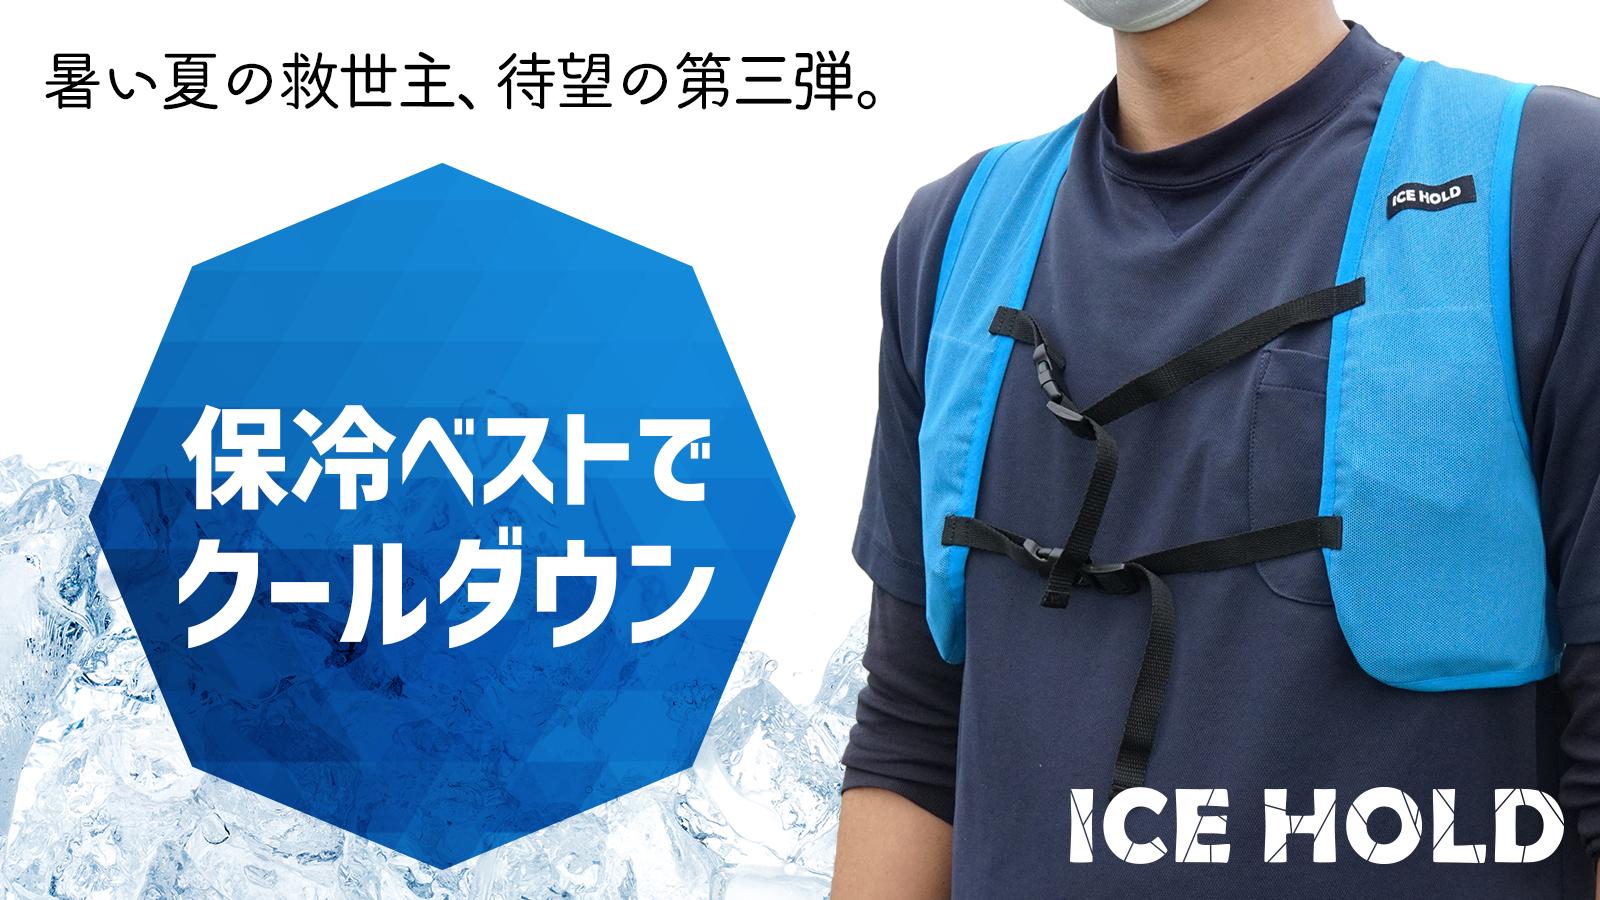 ICEHOLD クールベスト クラウドファンディング